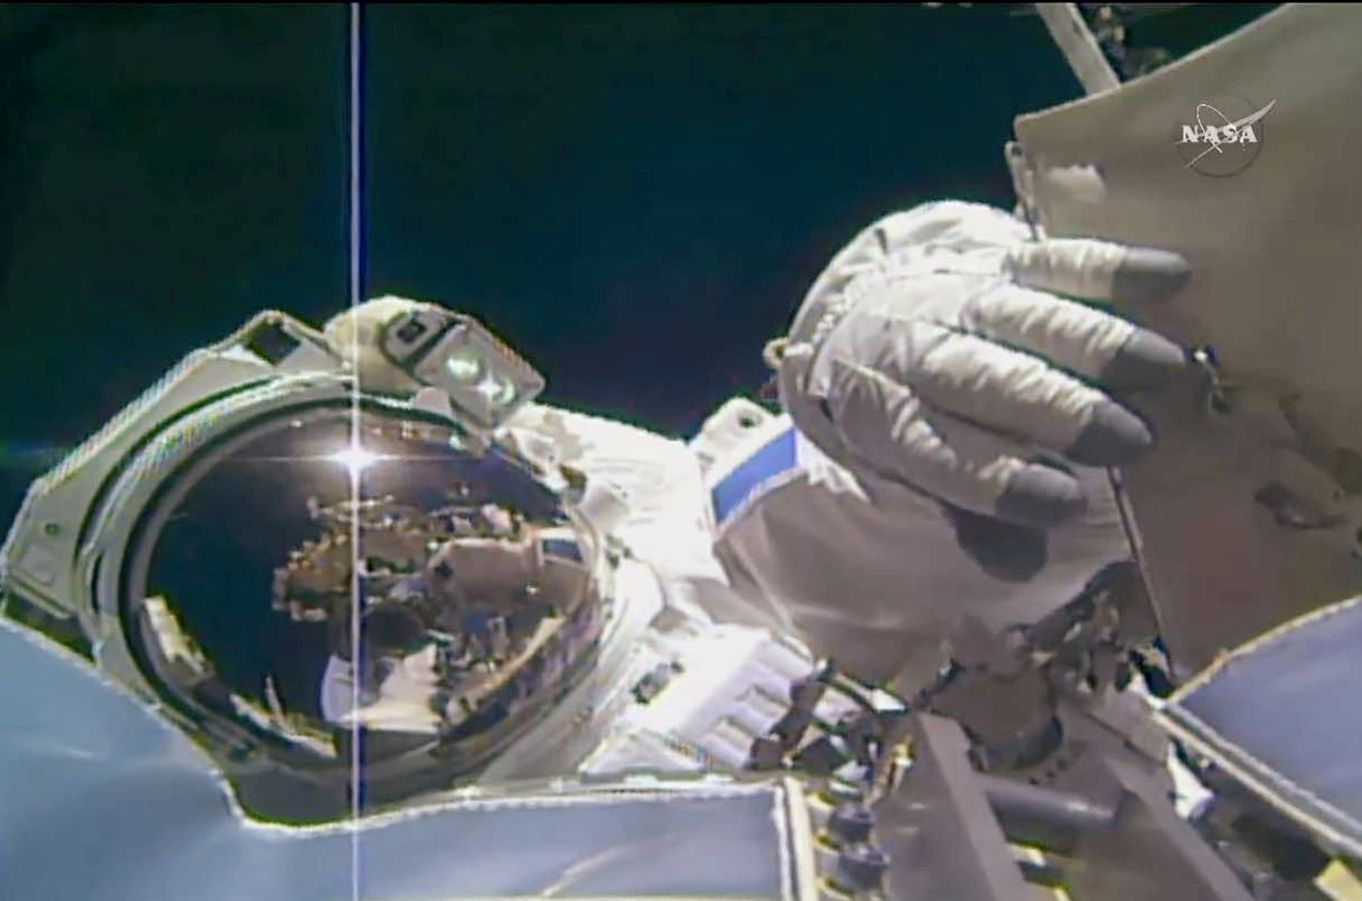 La deuxième sortie dans l'espace de Thomas Pesquet